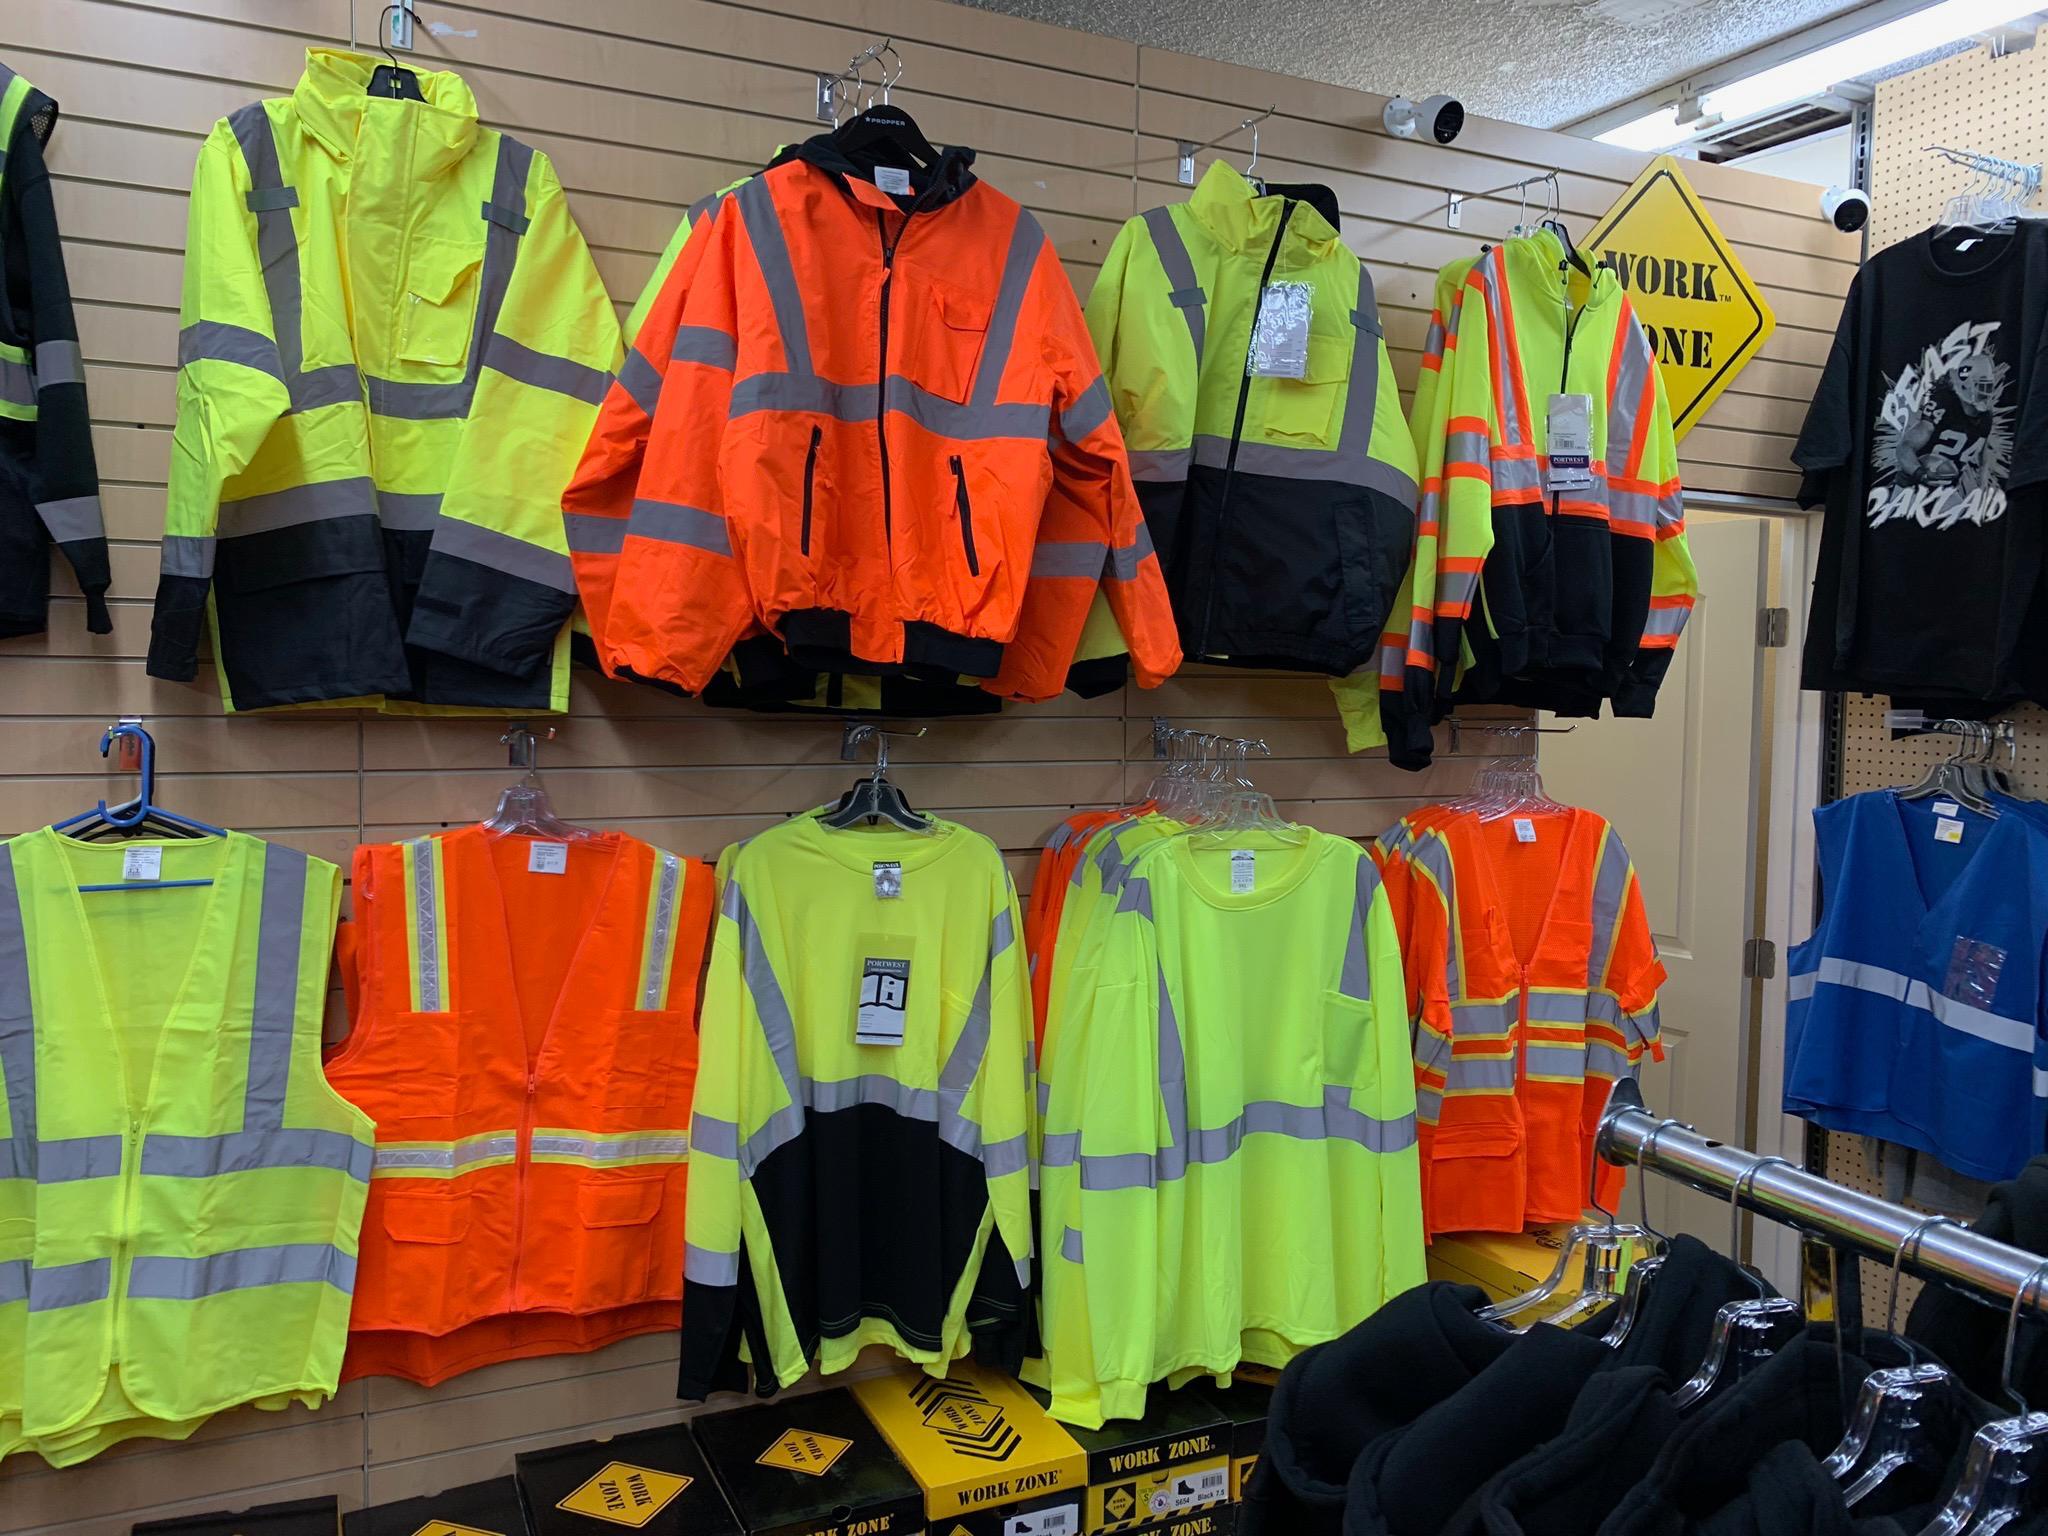 Work Depot image 14